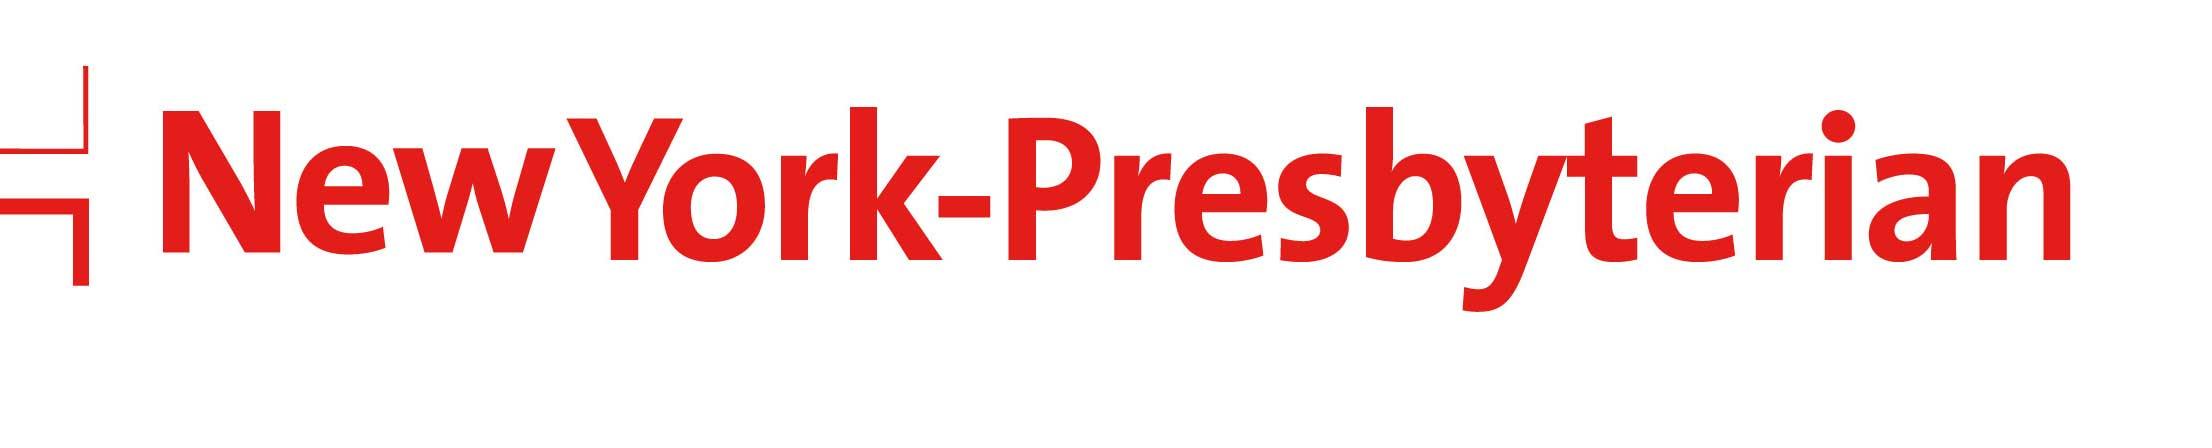 New York Presbyterian